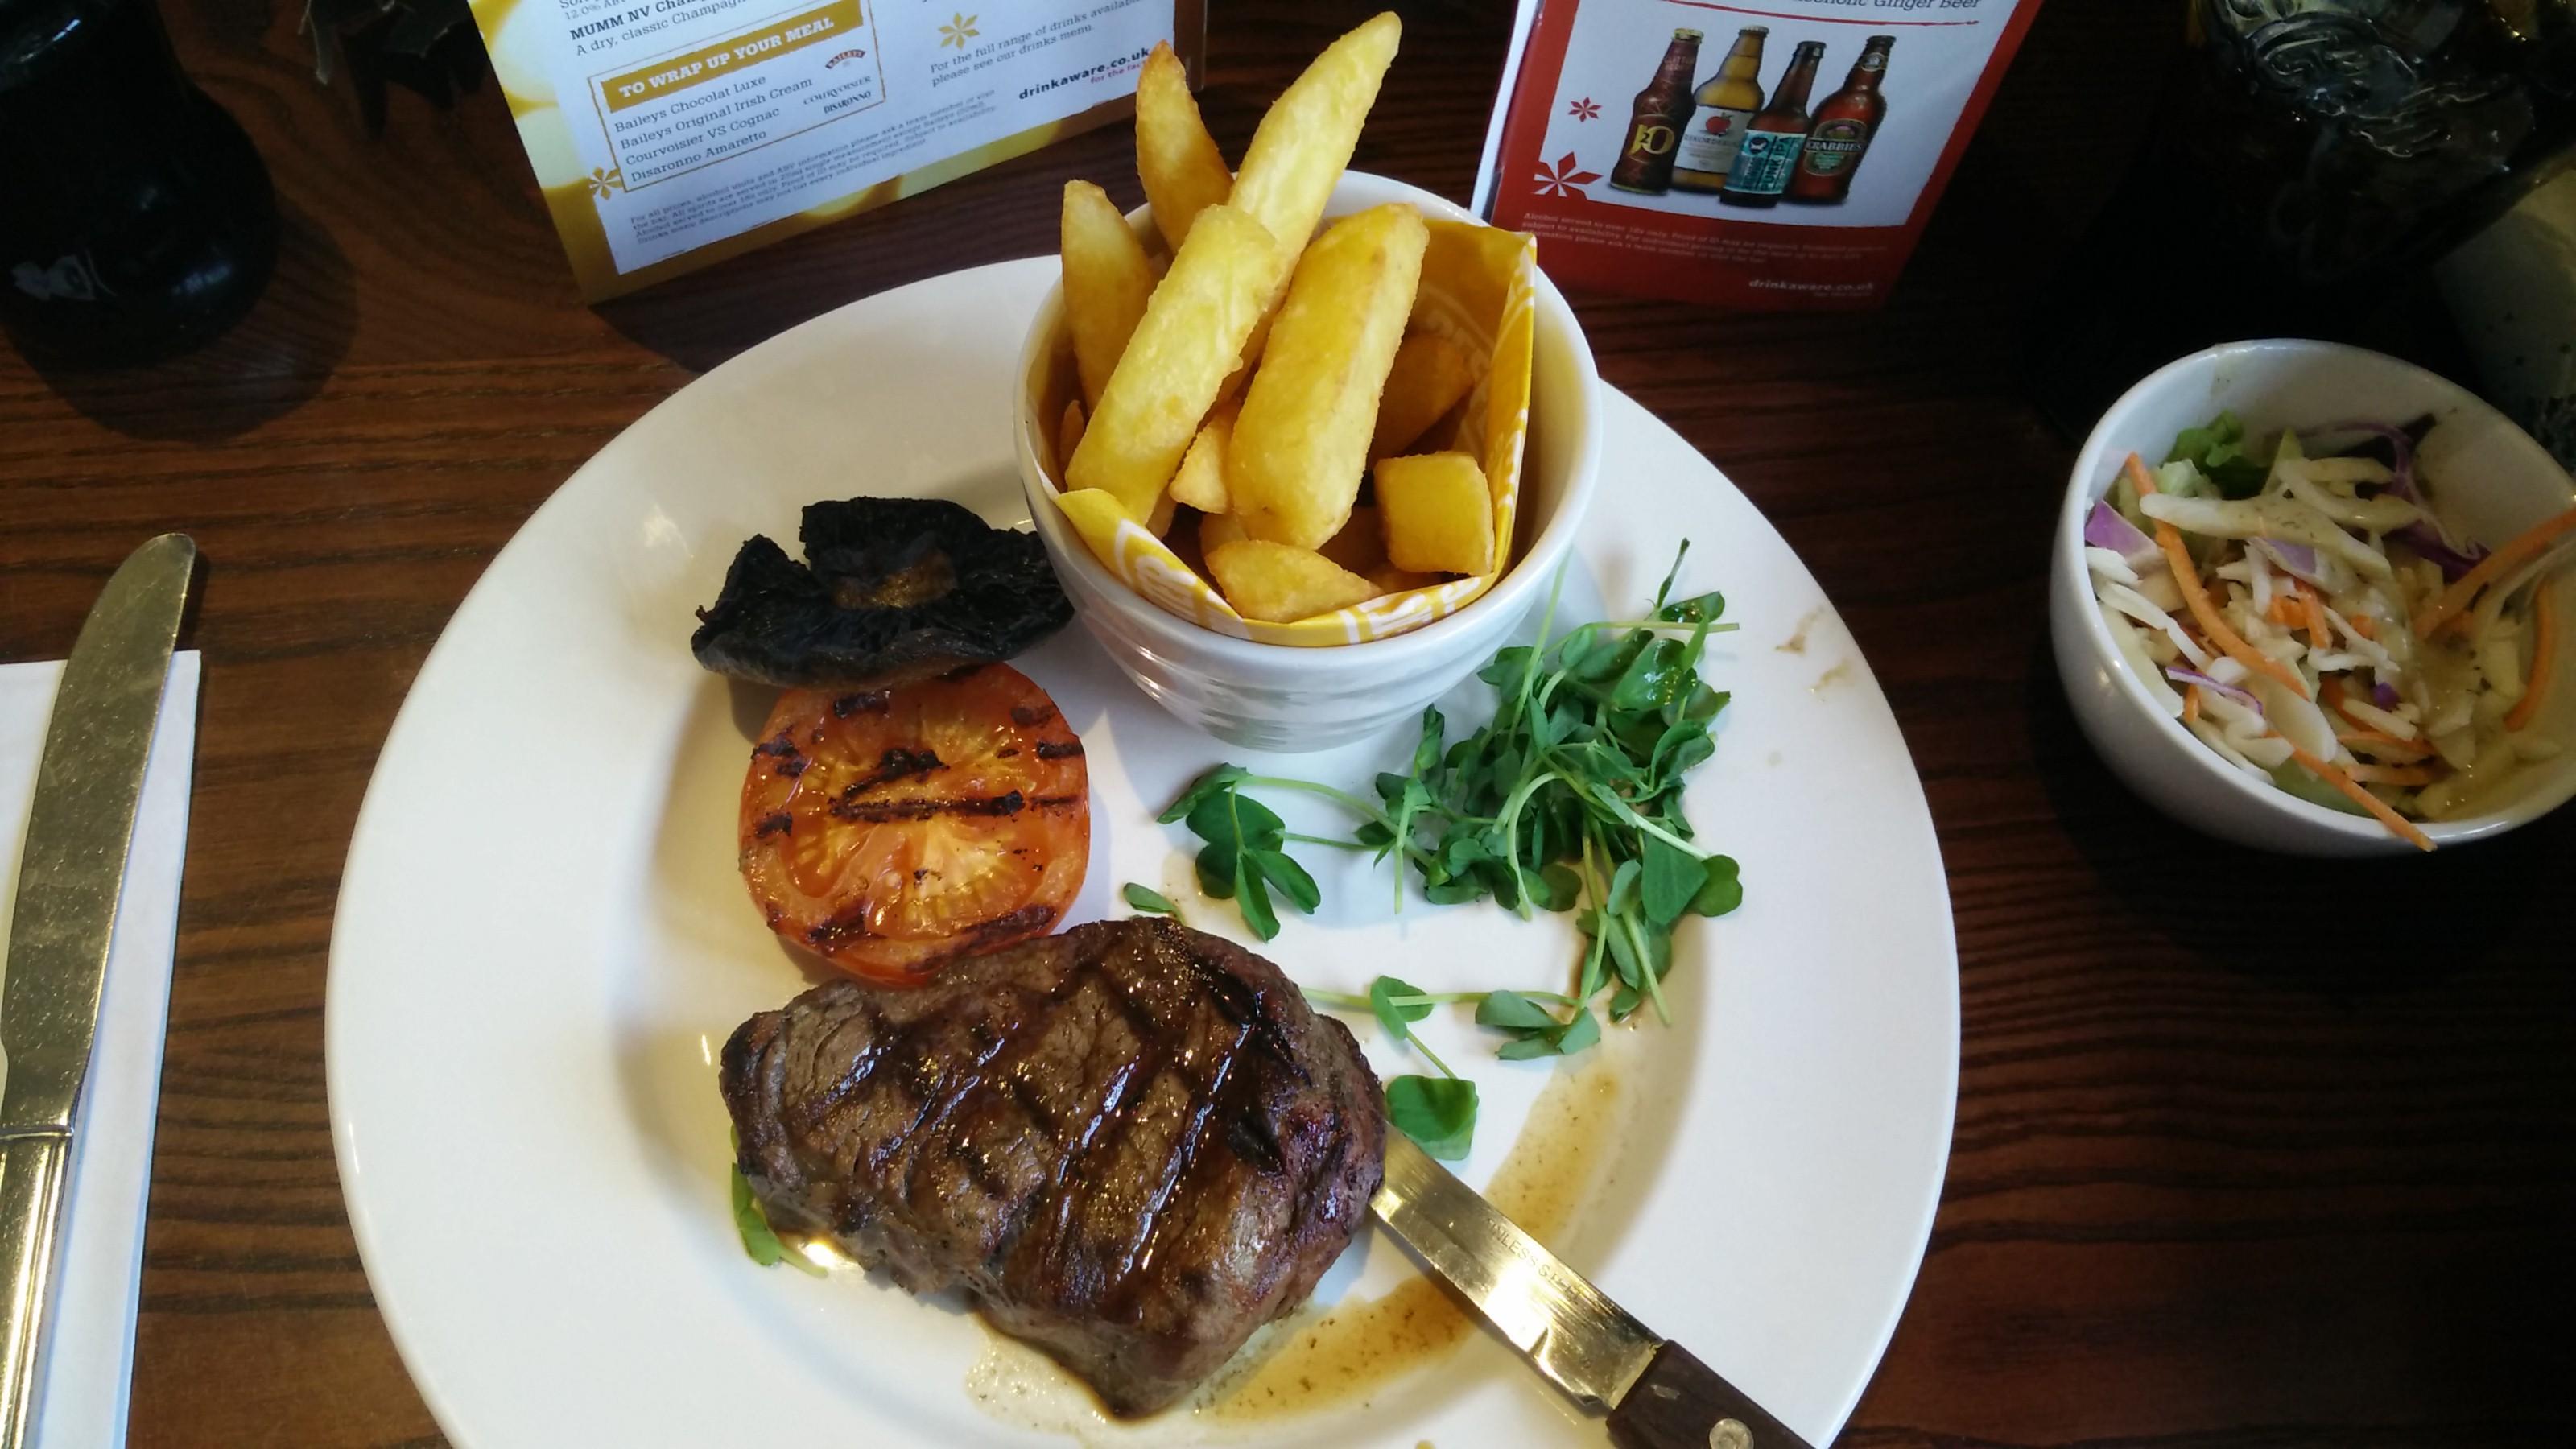 http://foodloader.net/belink_2014-12-20_Steak_and_Chips.jpg